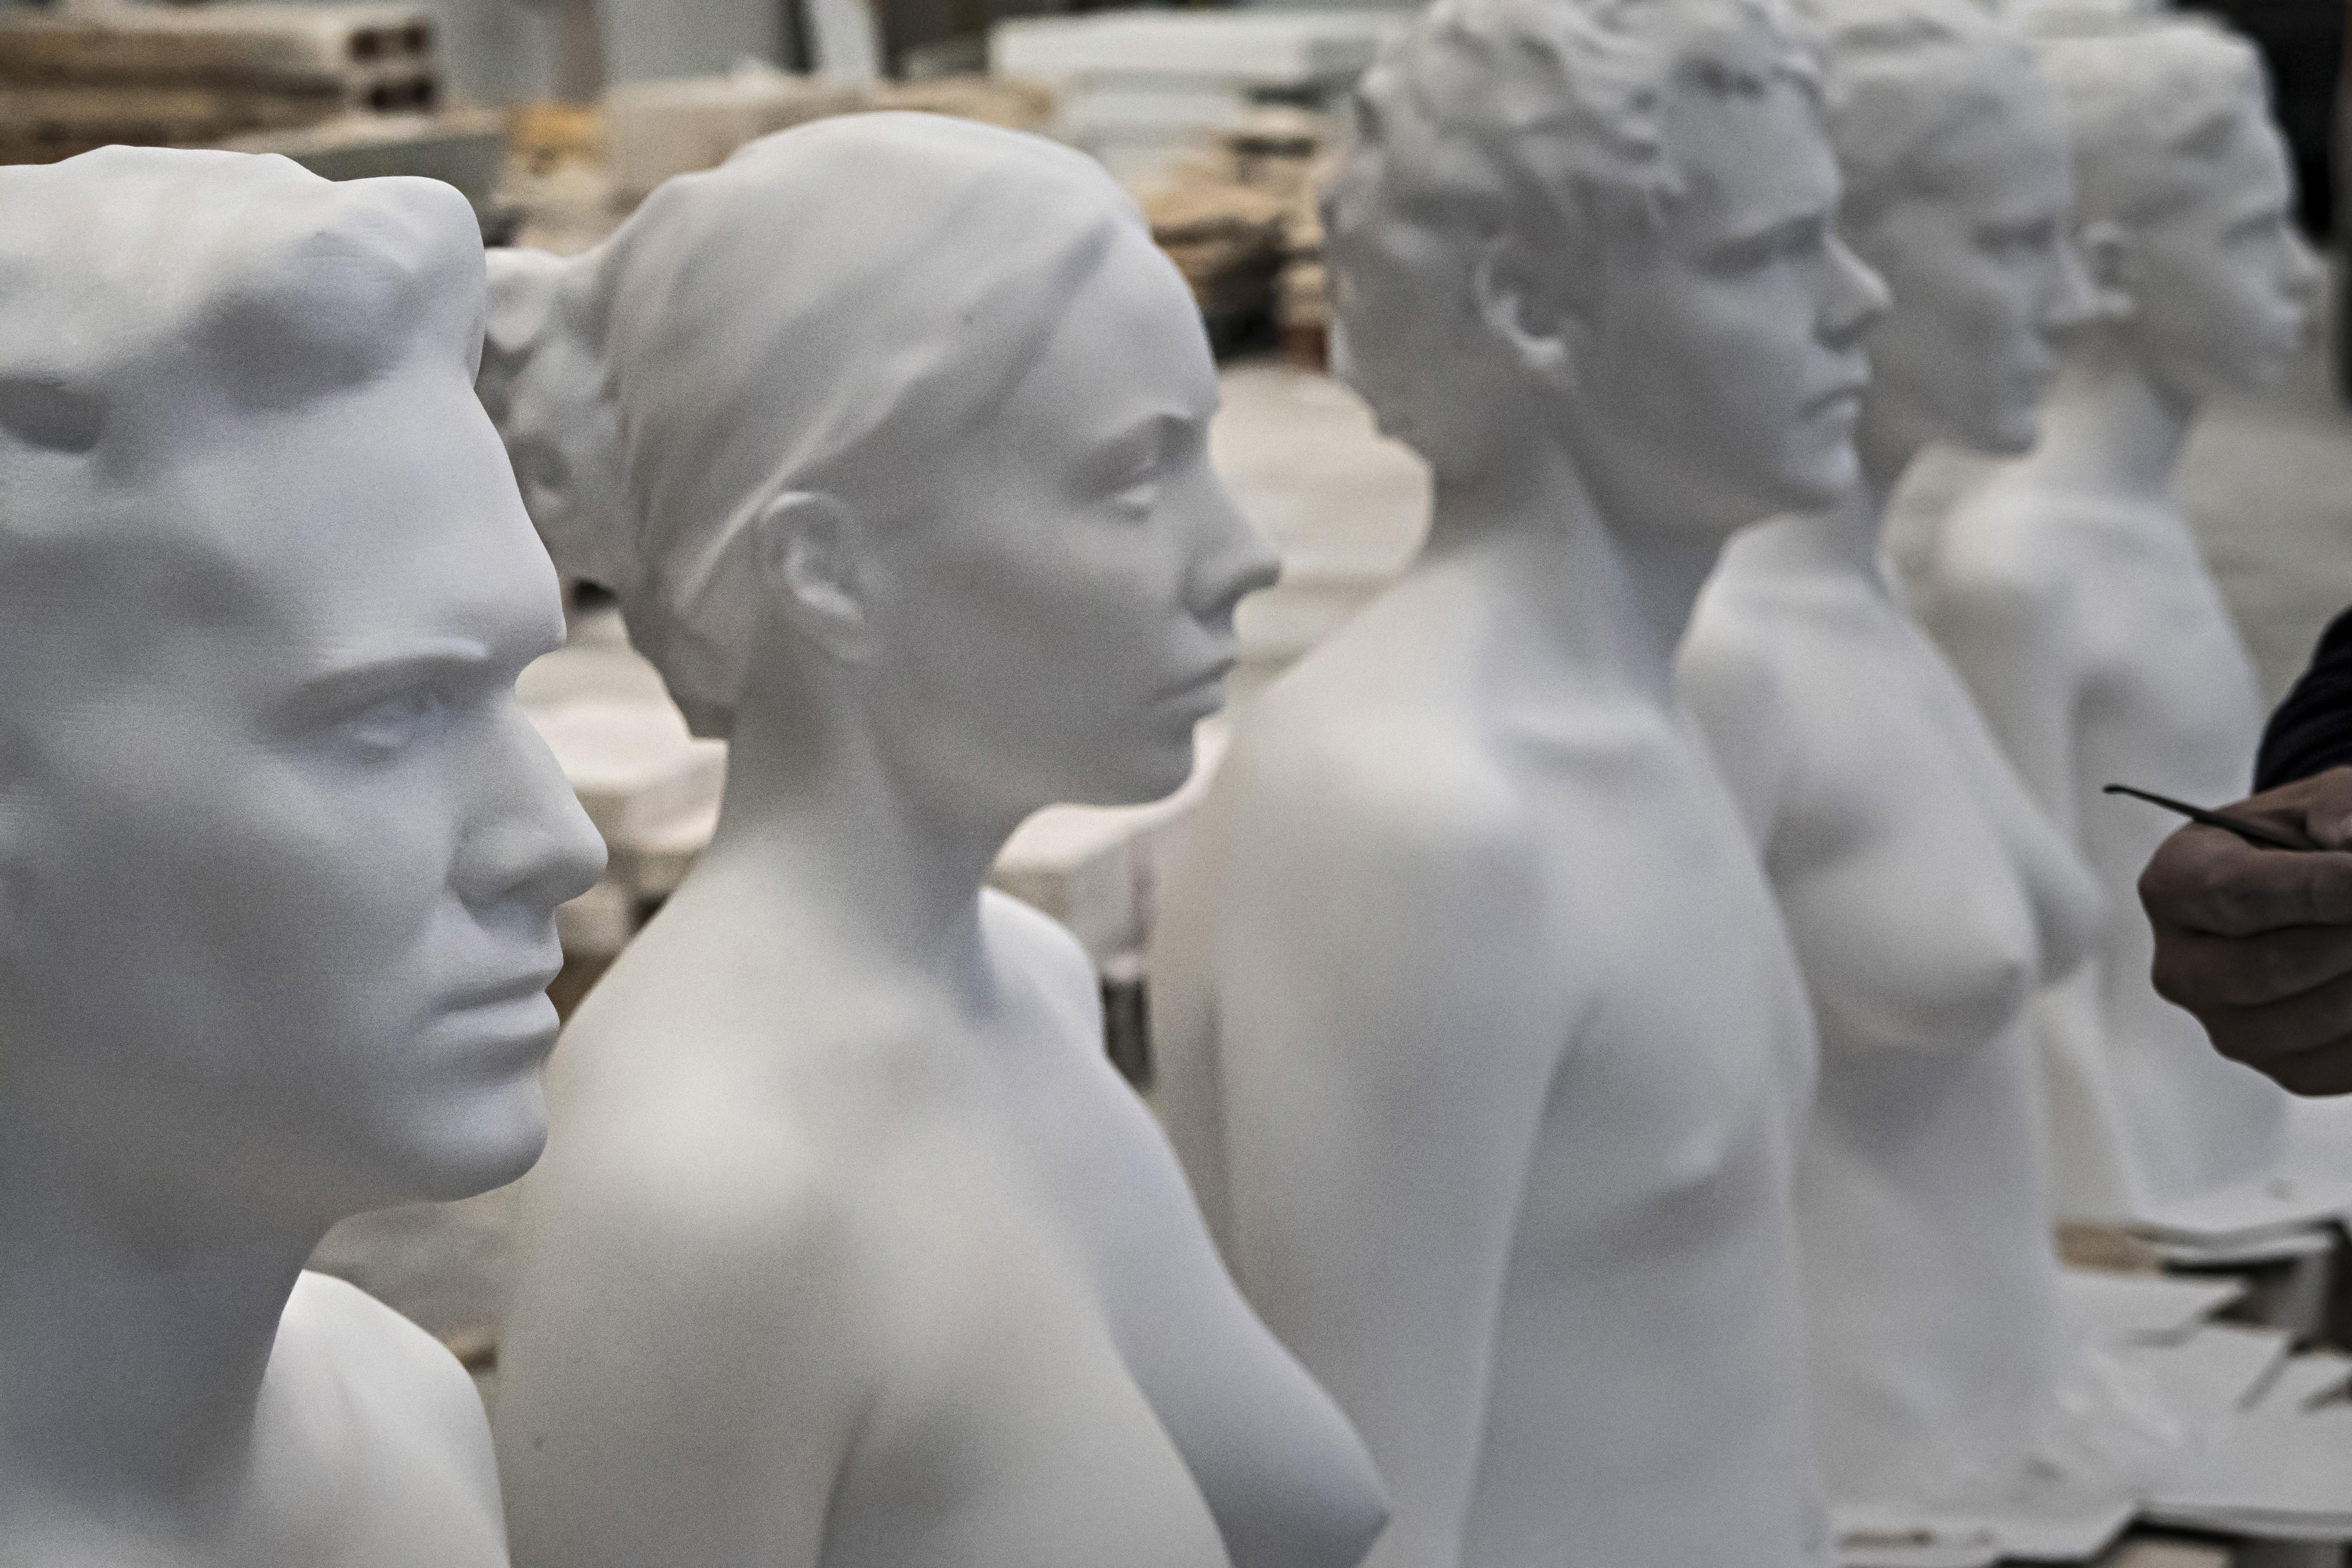 _Juventud_, 5 bustos de Antonio López y